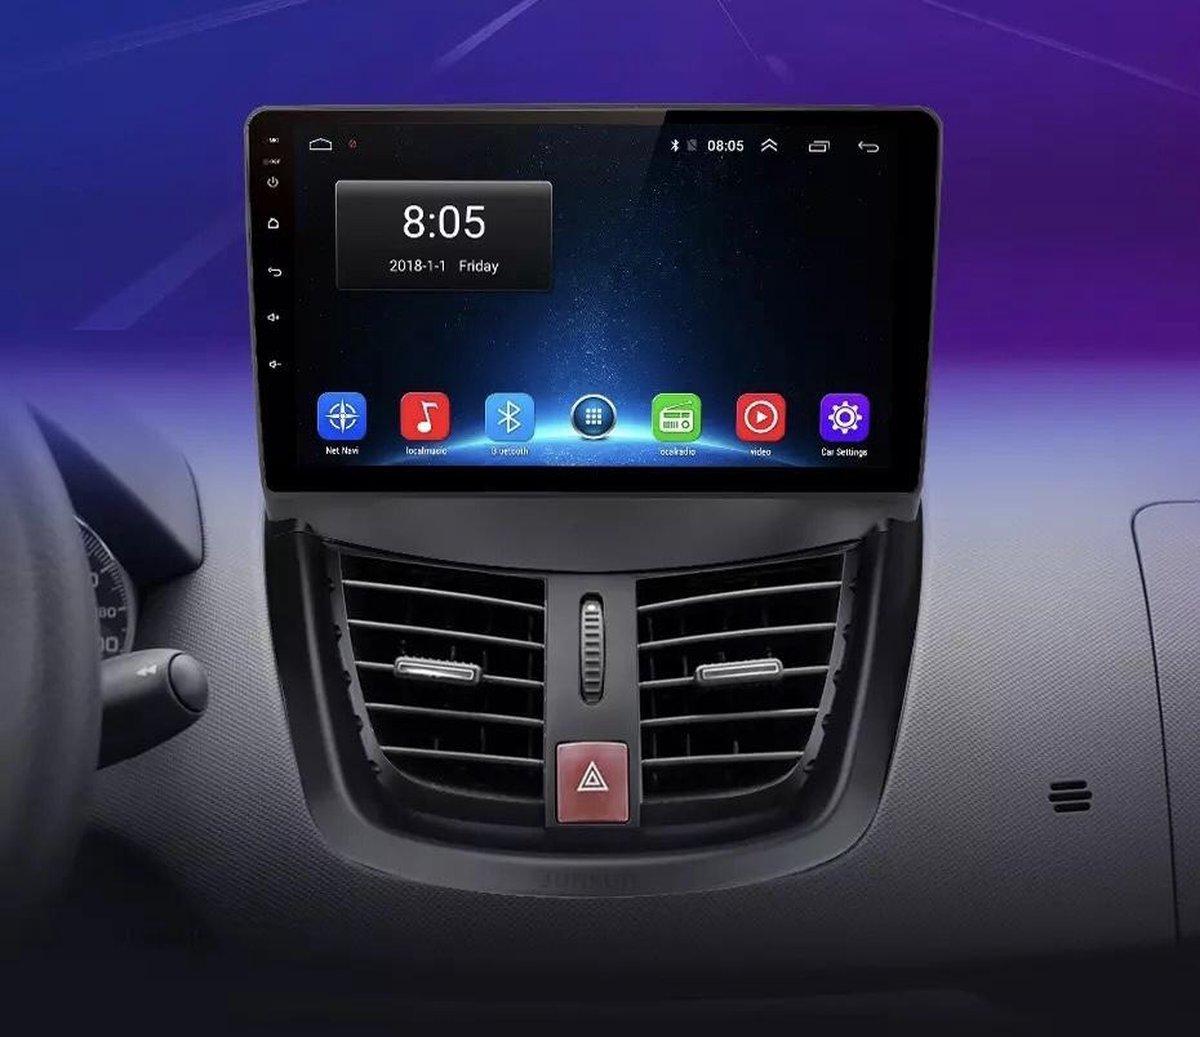 Peugeot 207 2006-2015 Android 10 navigatie en multimediasysteem 1+16GB